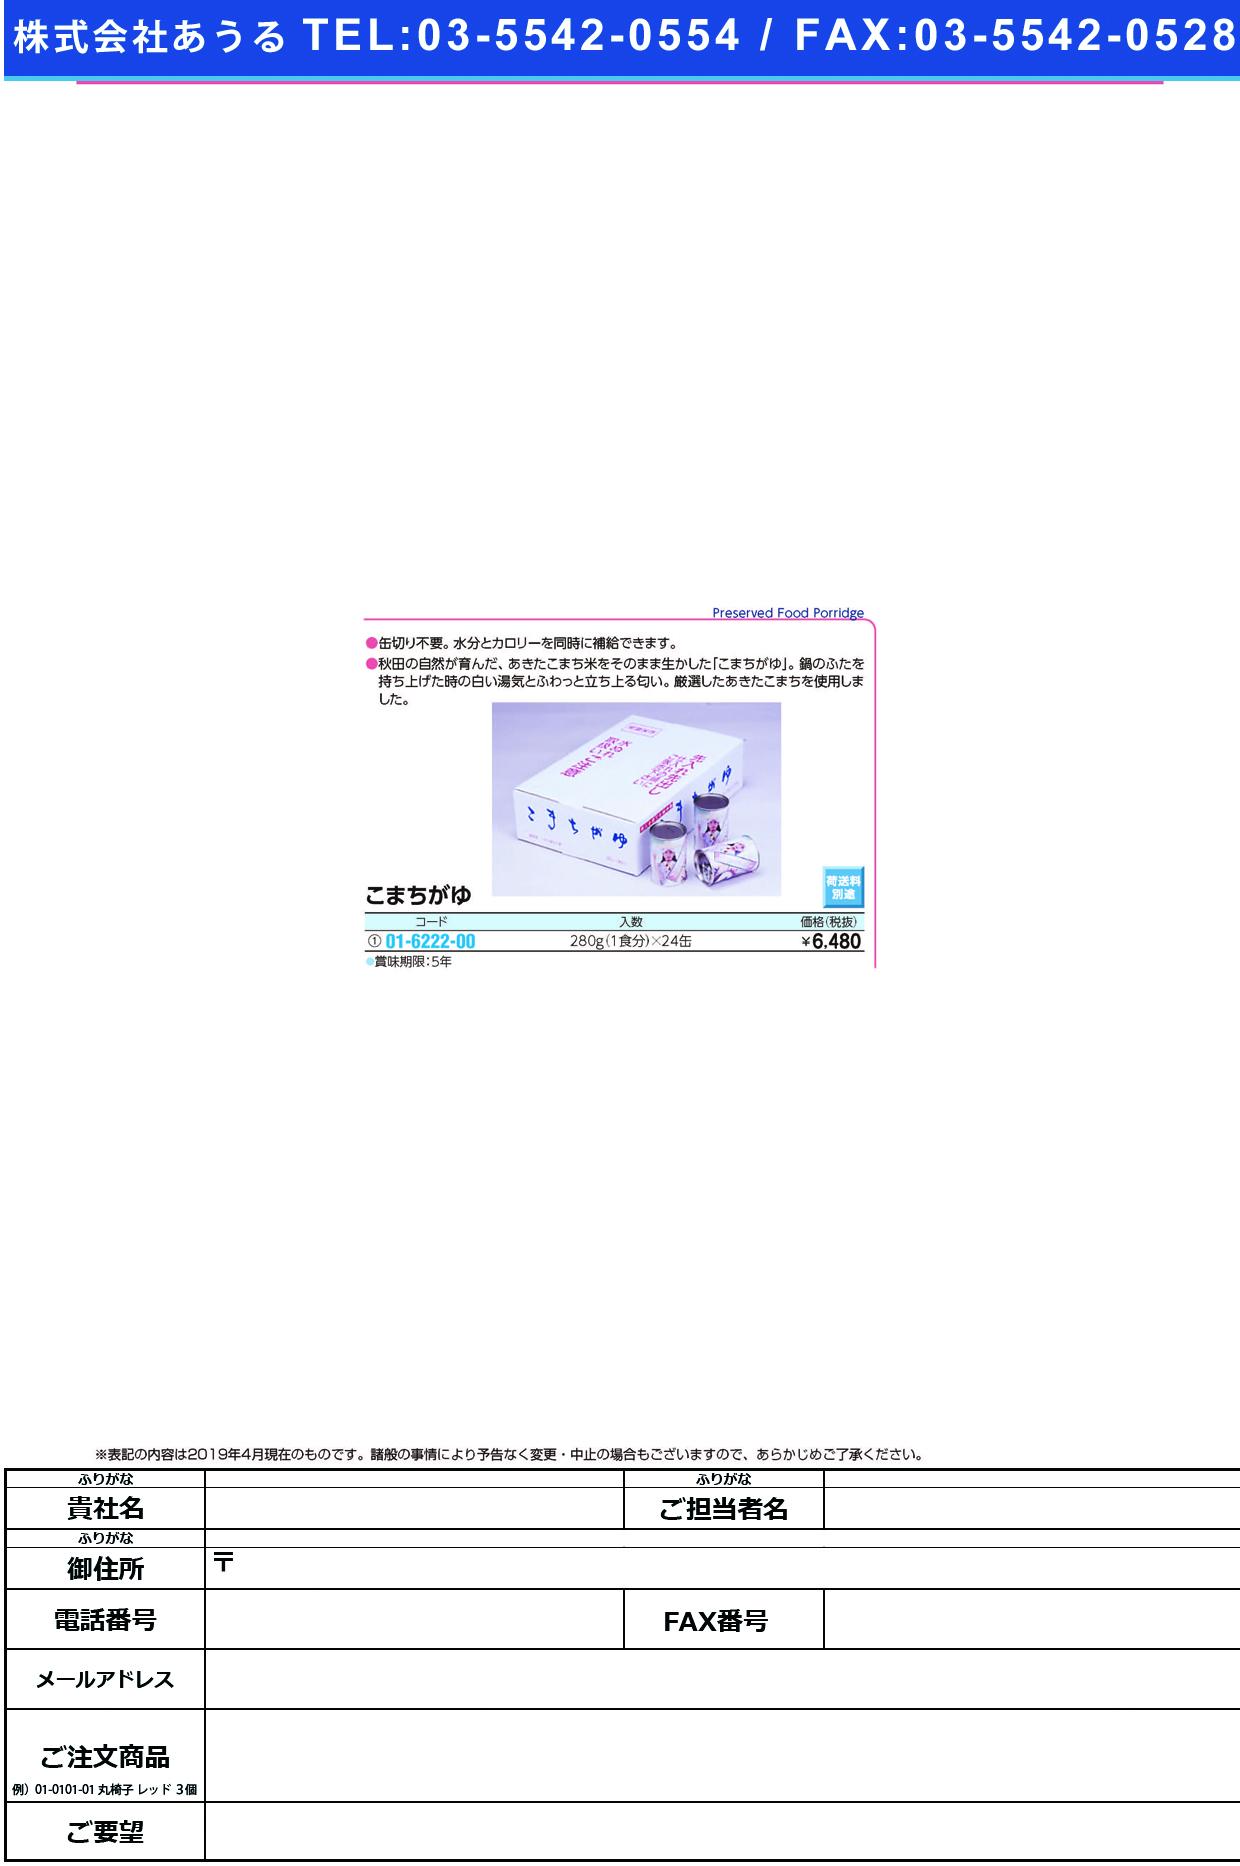 (01-6222-00)こまちがゆ 280G/1ショク(24カンイリ) コマチガユ【1箱単位】【2019年カタログ商品】